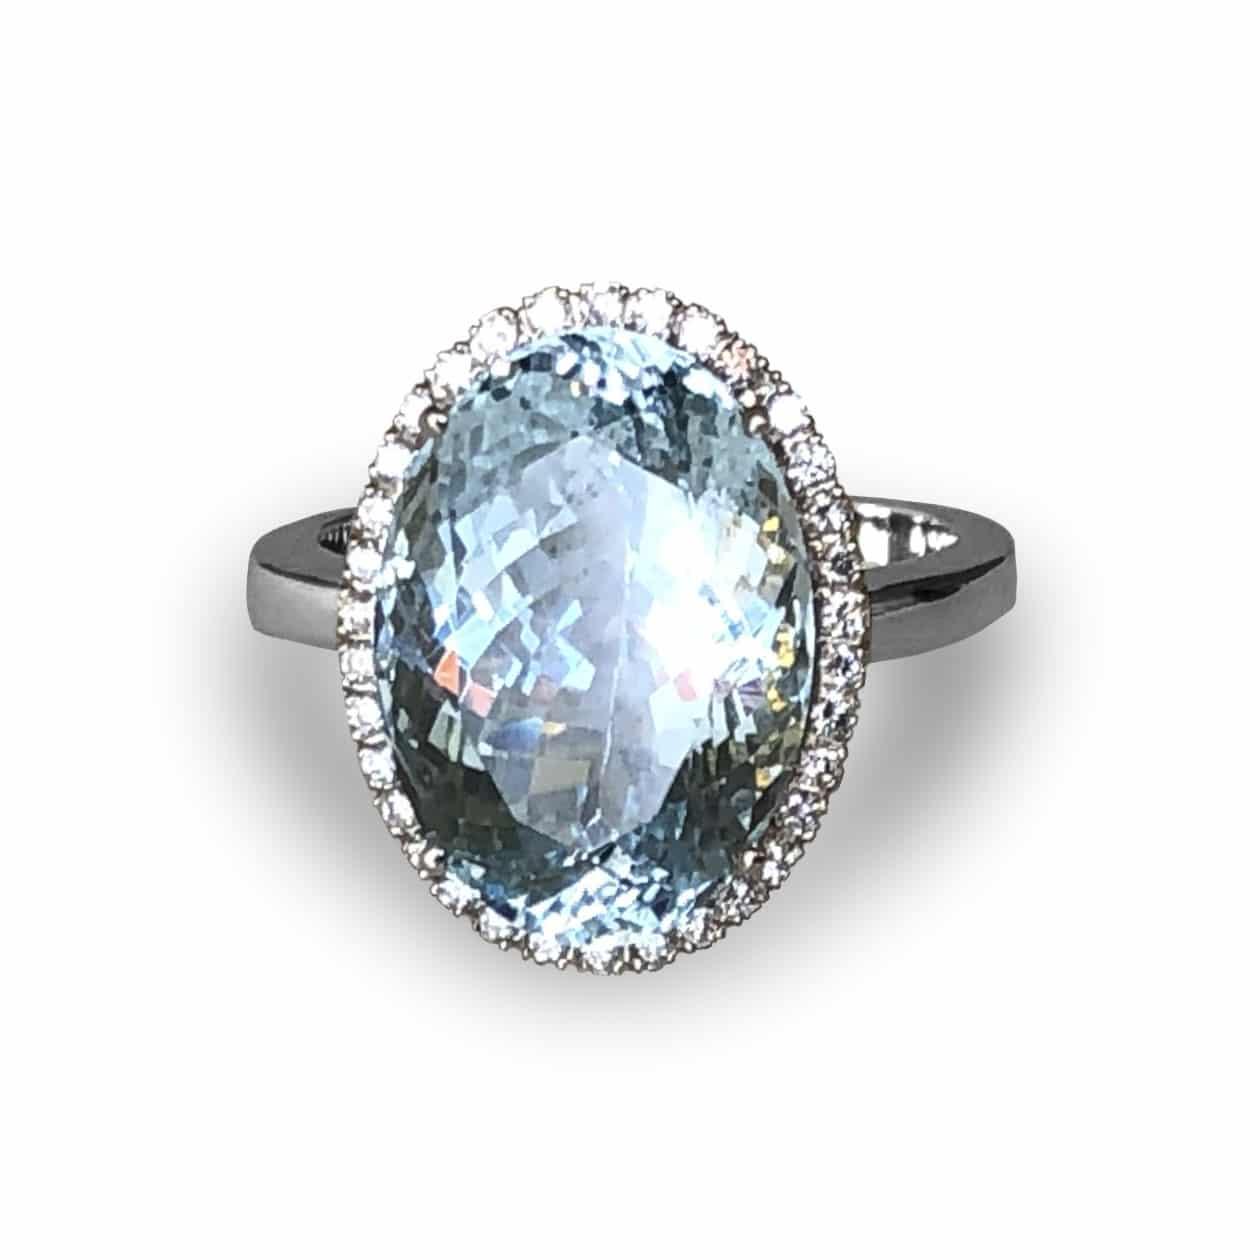 Sortija de Aguamarina con diamantes en oro blanco, pieza exclusiva.